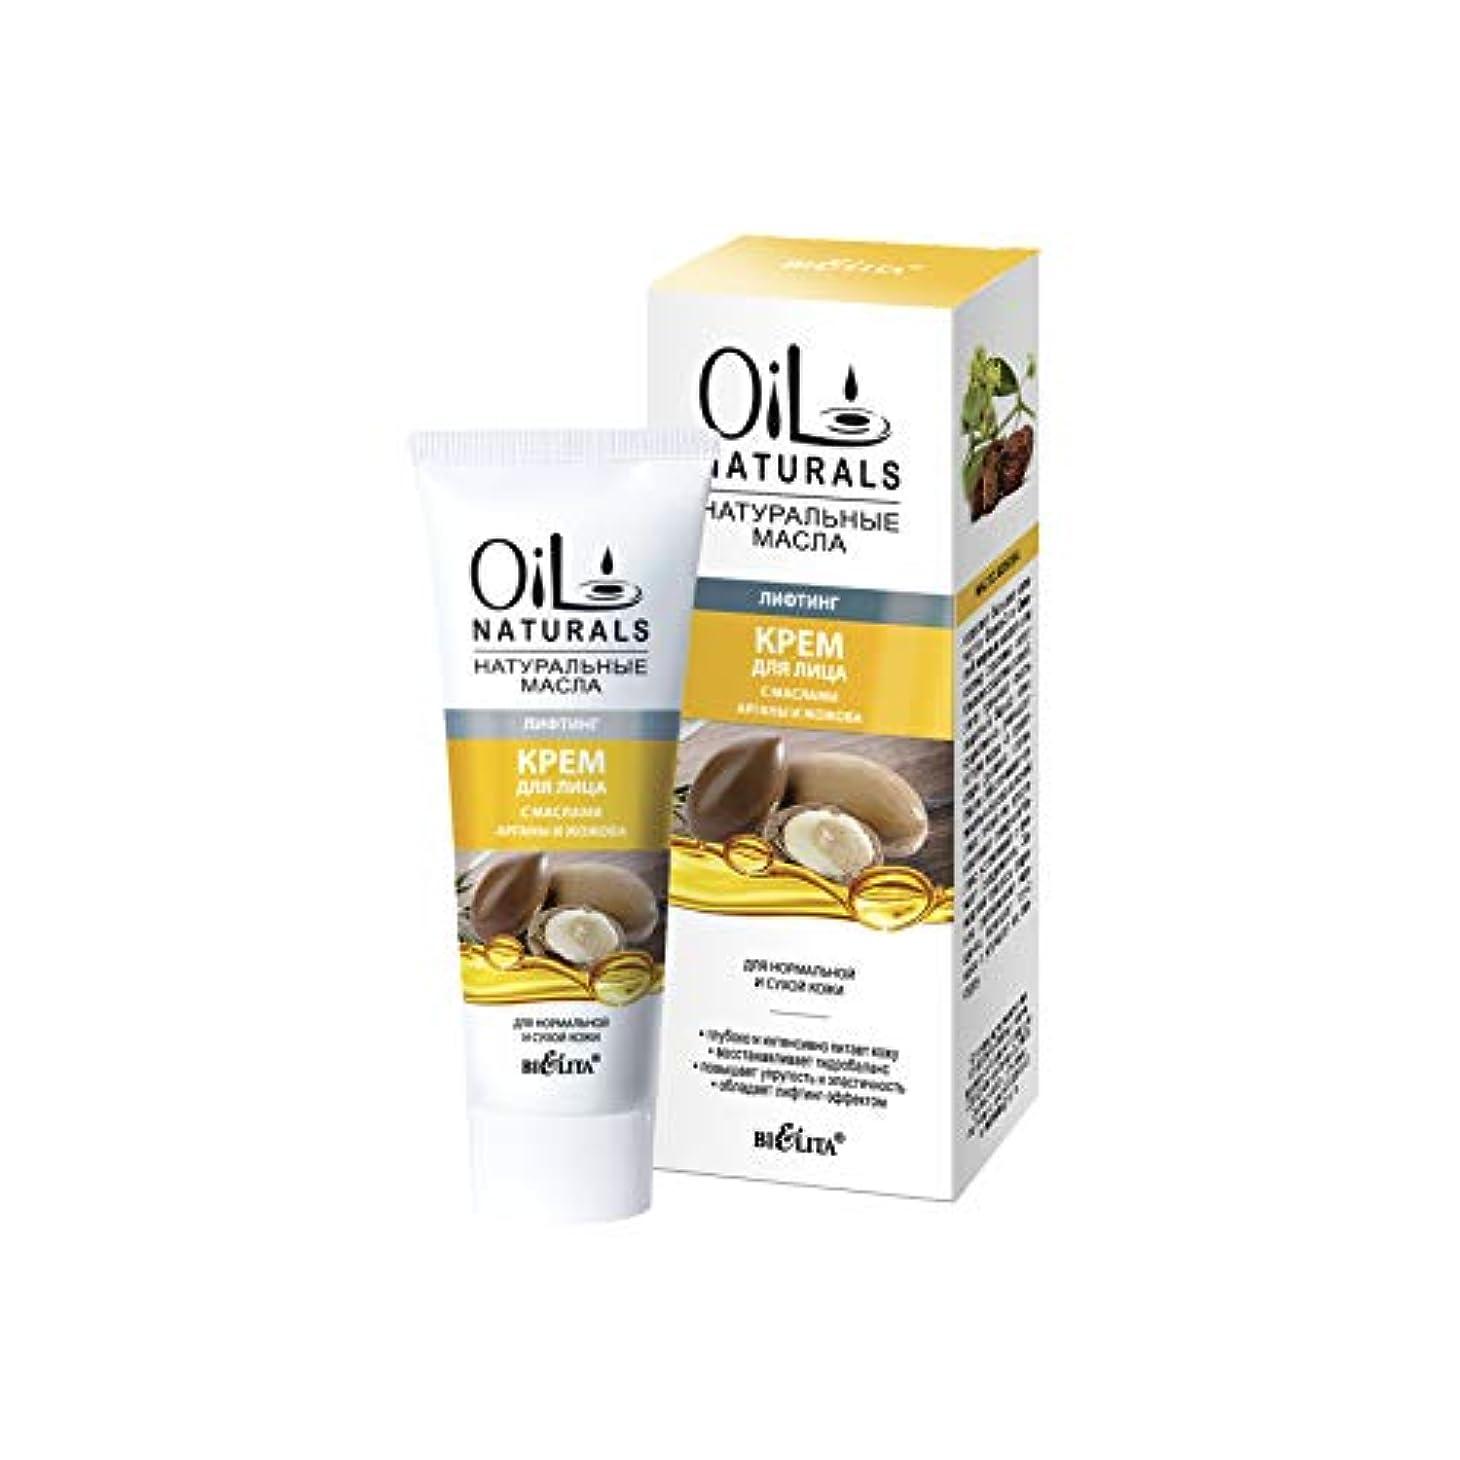 価値のないジョセフバンクスメンタルBielita & Vitex | Argan Oil, Jojoba Oil Moisturising Cream for the Face 50ml | Intensive Moisturizer With Natural...